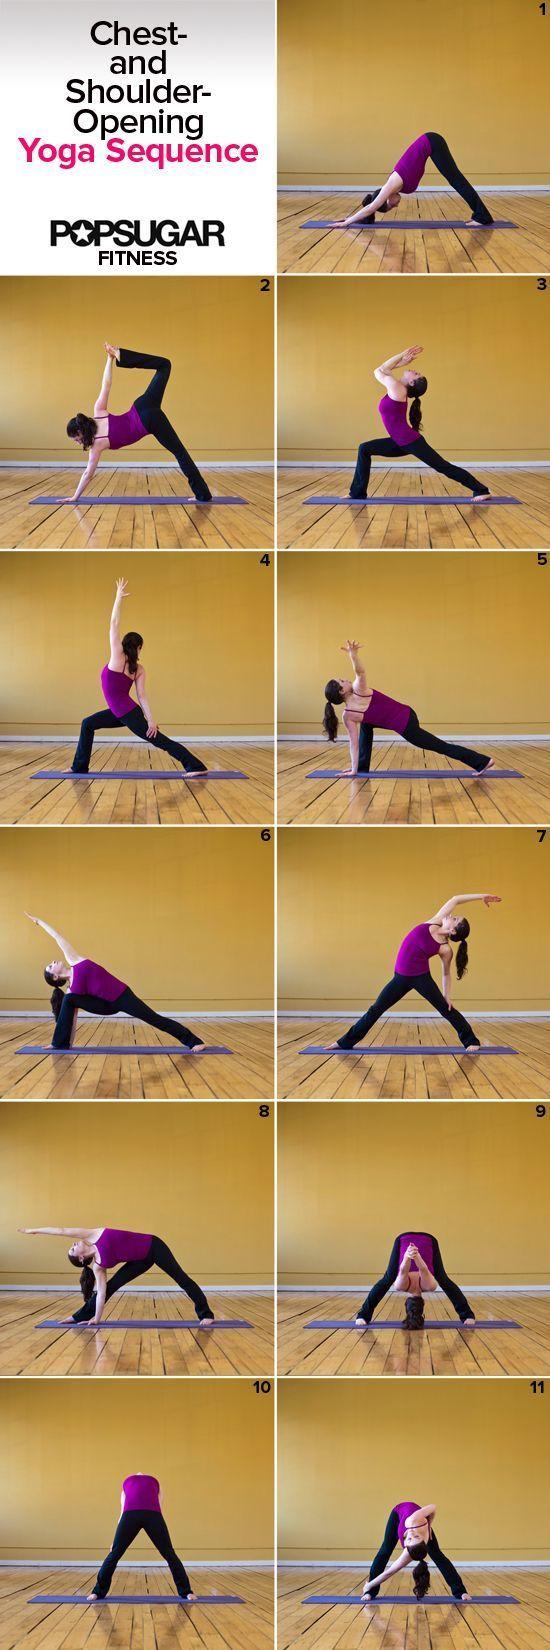 #shoulders #sequence #popsugar #fitness #poster #tense    - yoga - #Fitness #POPSUGAR #Poster #seque...